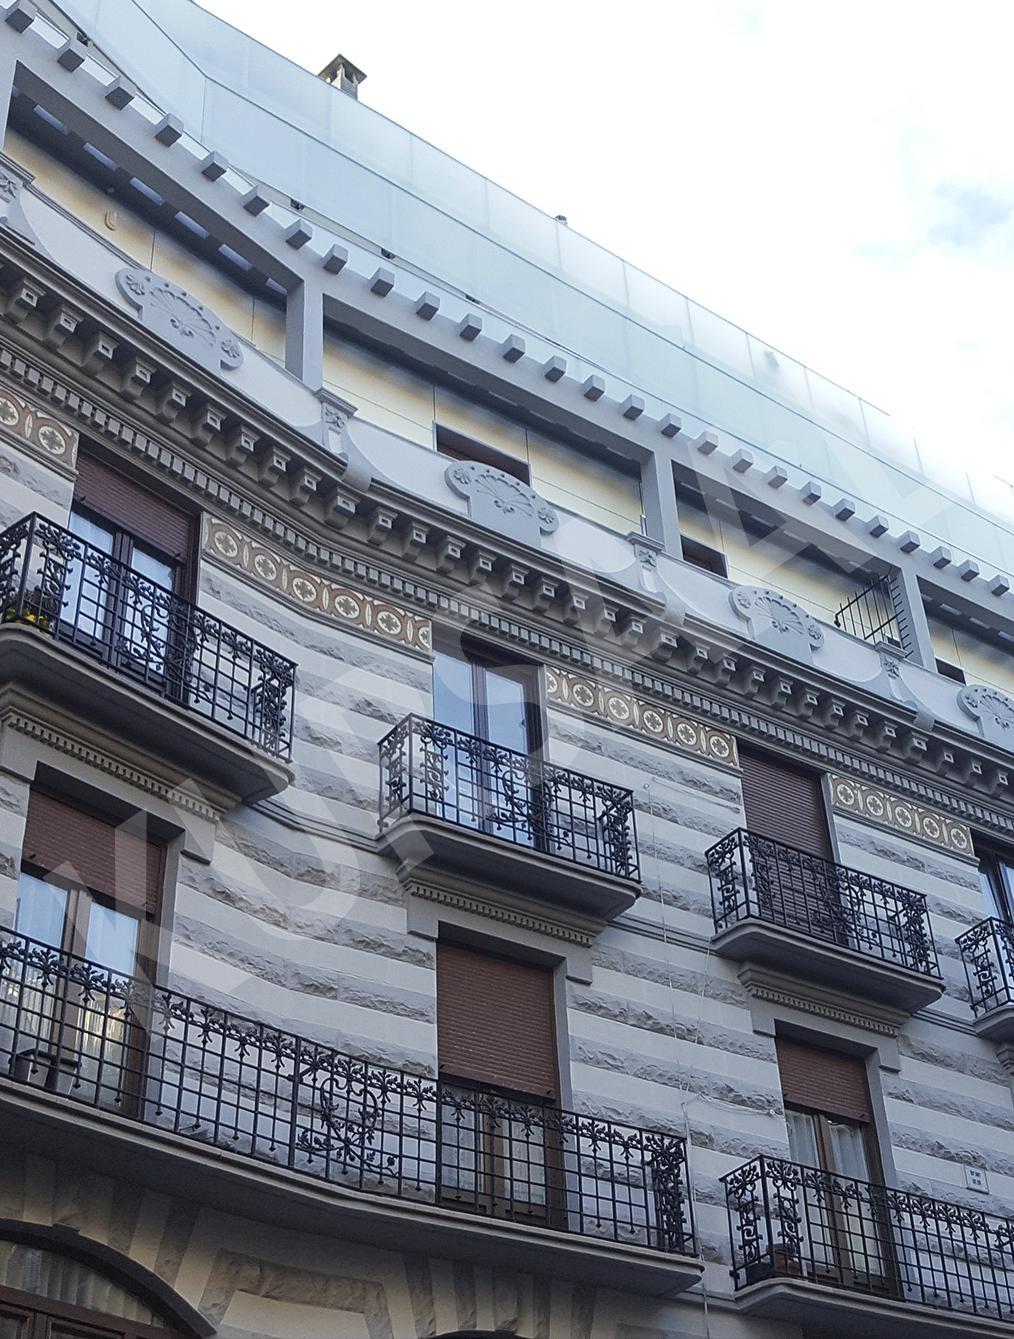 trabajo realizado en: Restauración y patrimonio-FACHADA VENTILADA-DONOSTIA-San Bartolomé 27